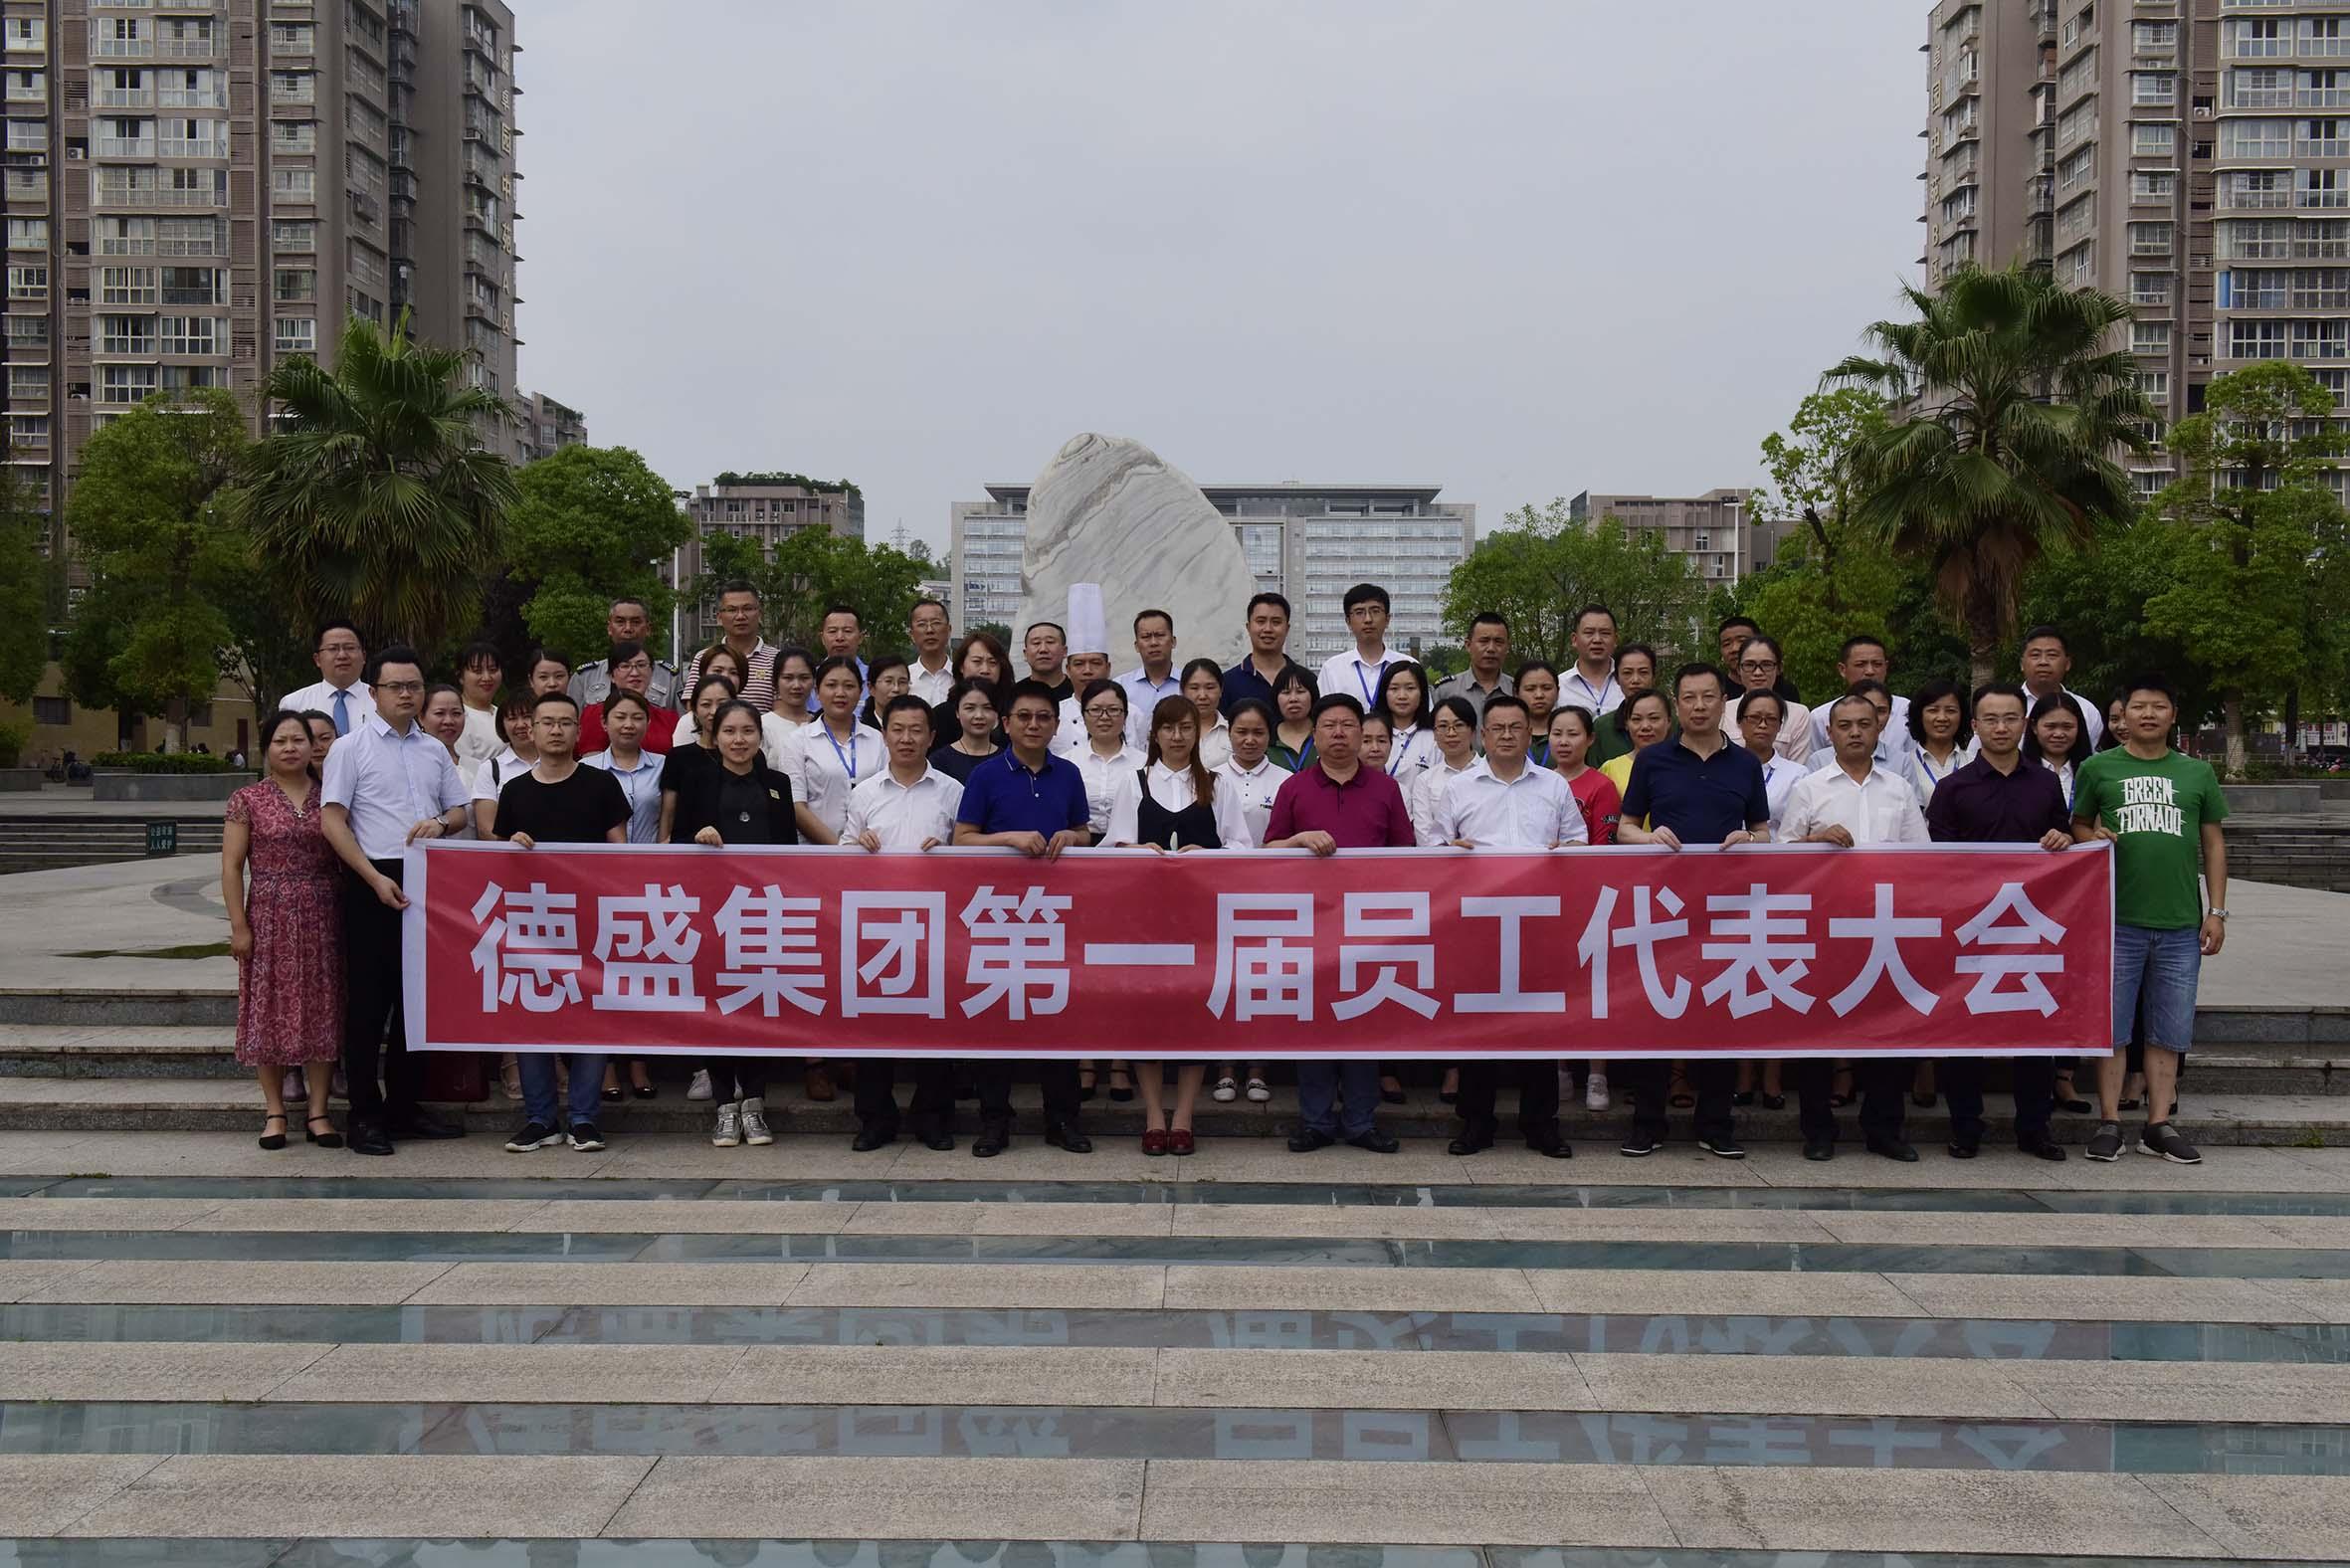 德盛集團召開第一屆員工代表大會